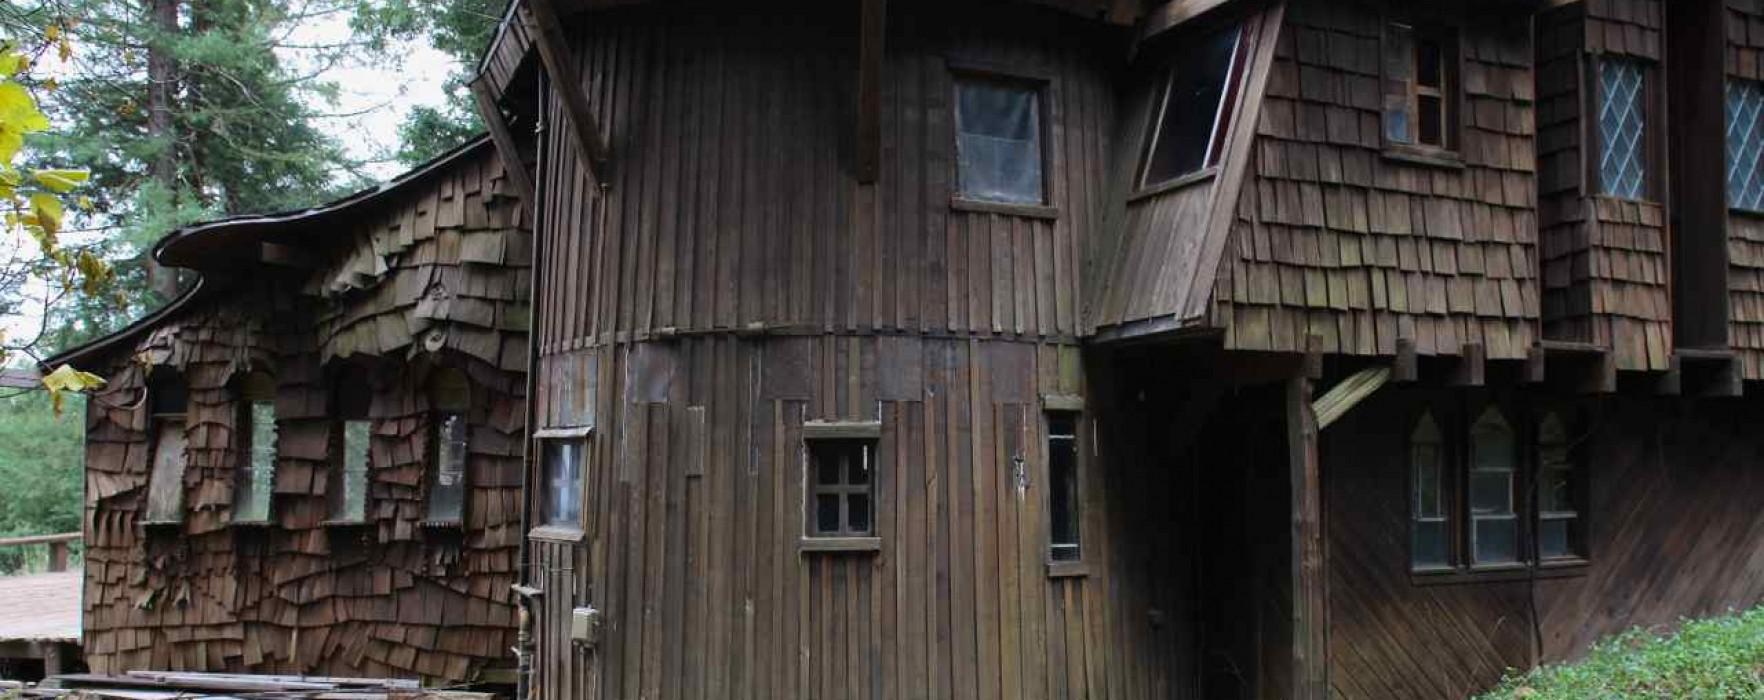 Case Prefabbricate In Legno Opinioni il vapore e le case prefabbricate in legno